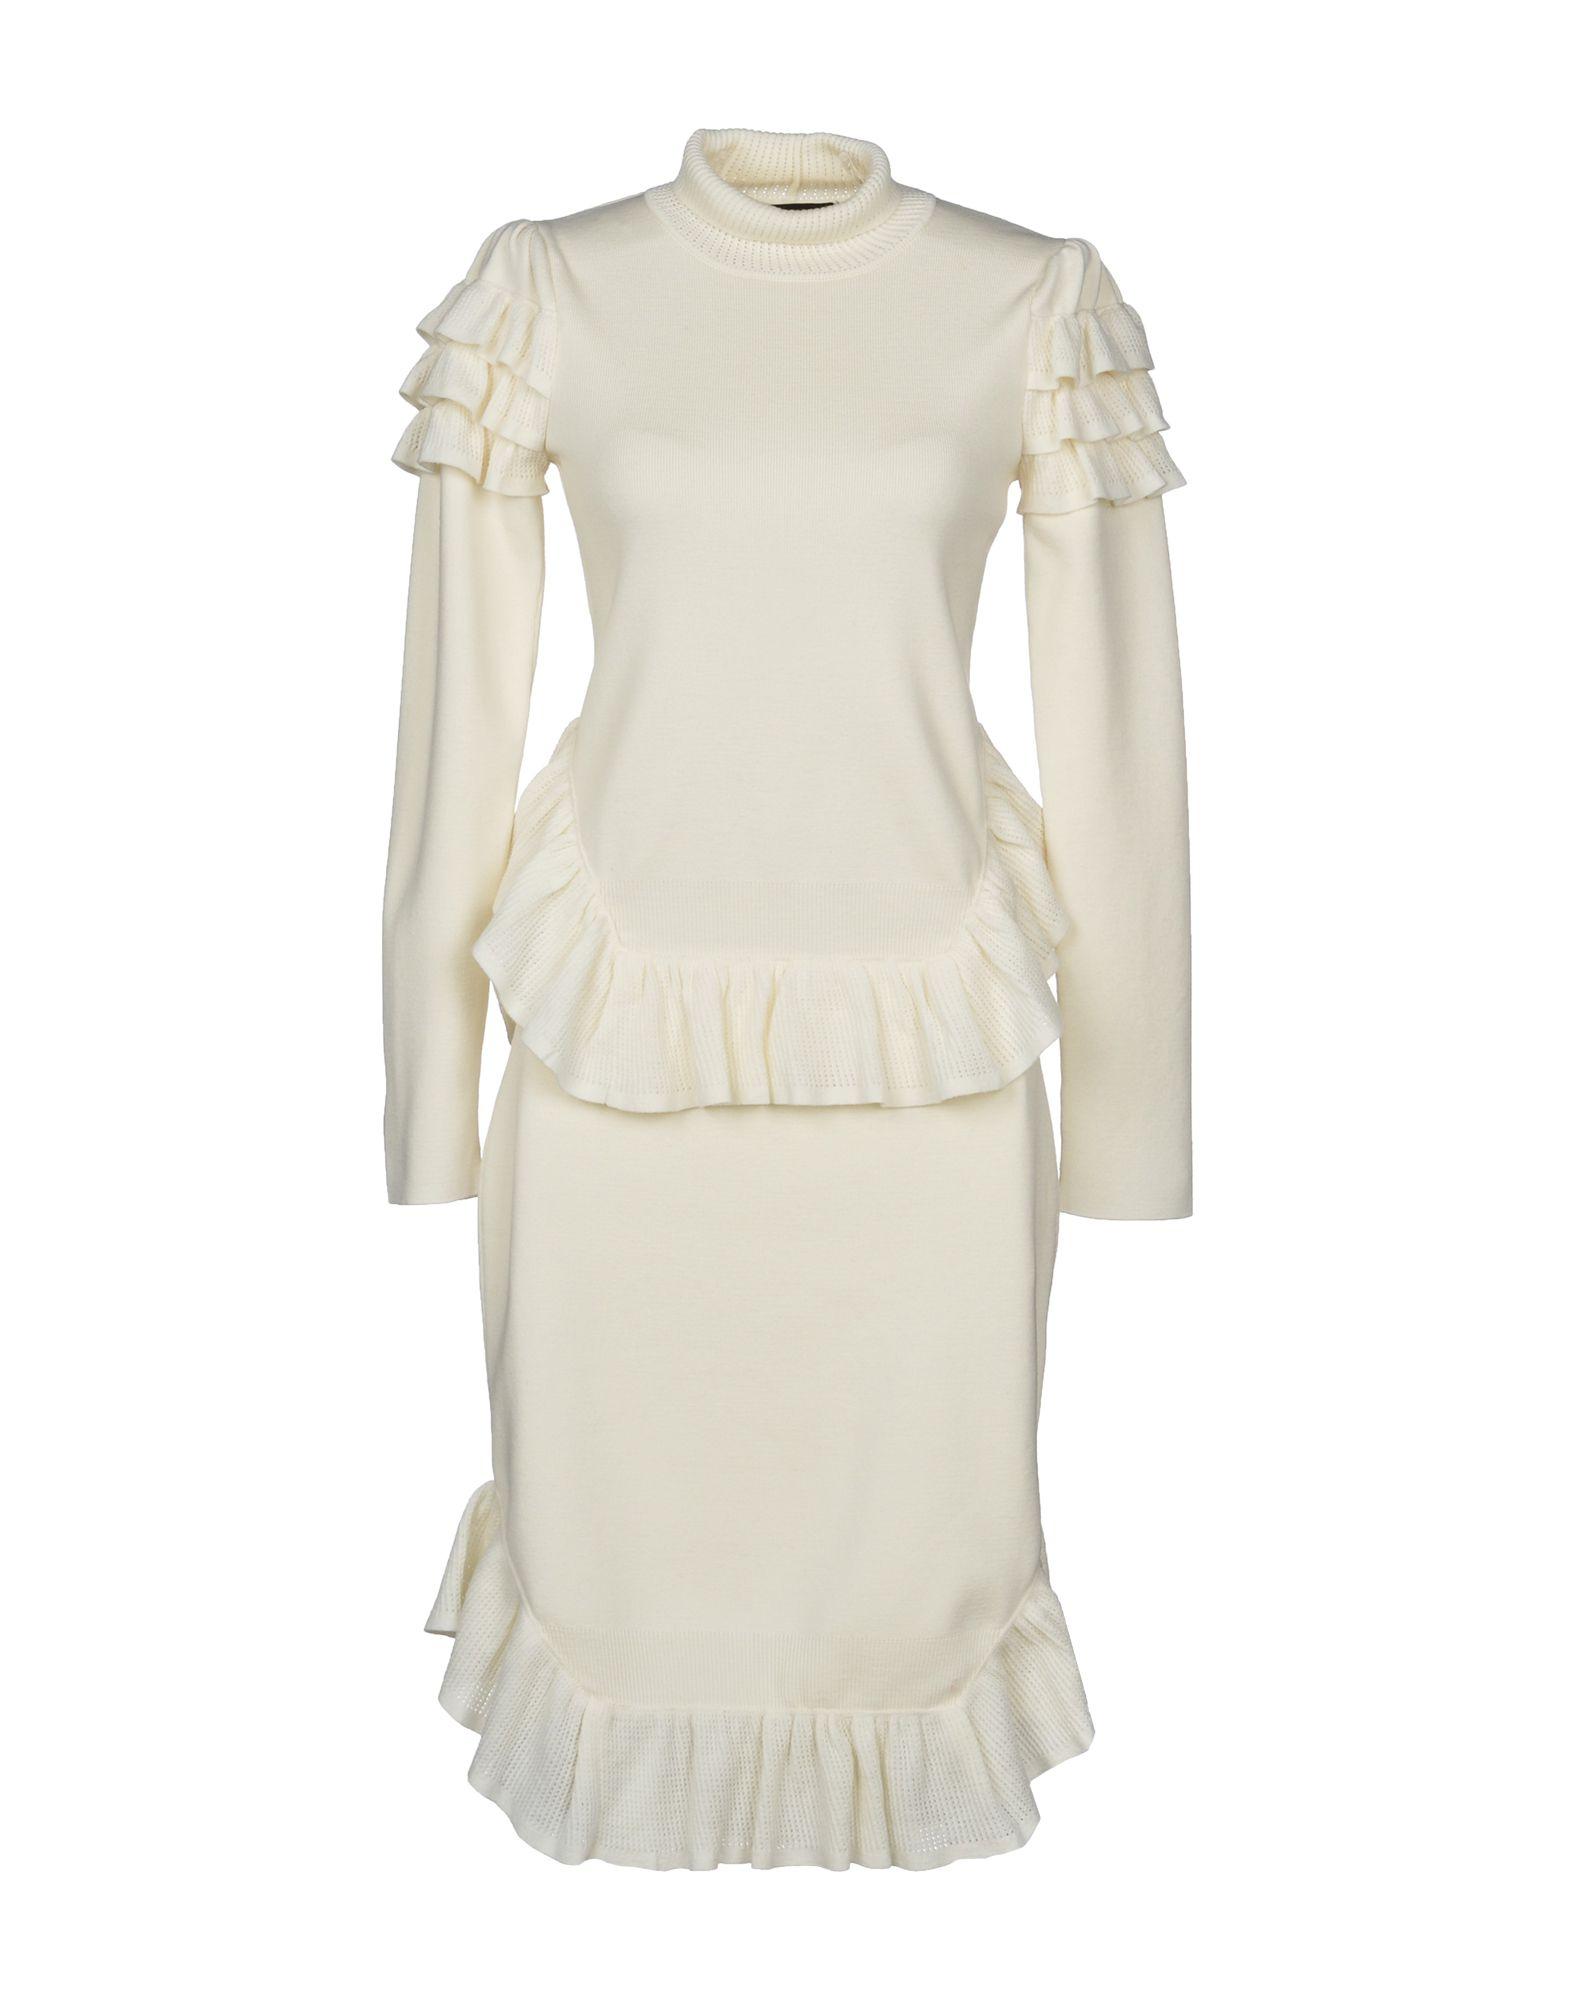 83d053cfda03 Φορέματα Μέχρι Το Γόνατο Dsquared2 Γυναίκα Κολεξιόν Άνοιξη-Καλοκαίρι και  Φθινόπωρο-Χειμώνας